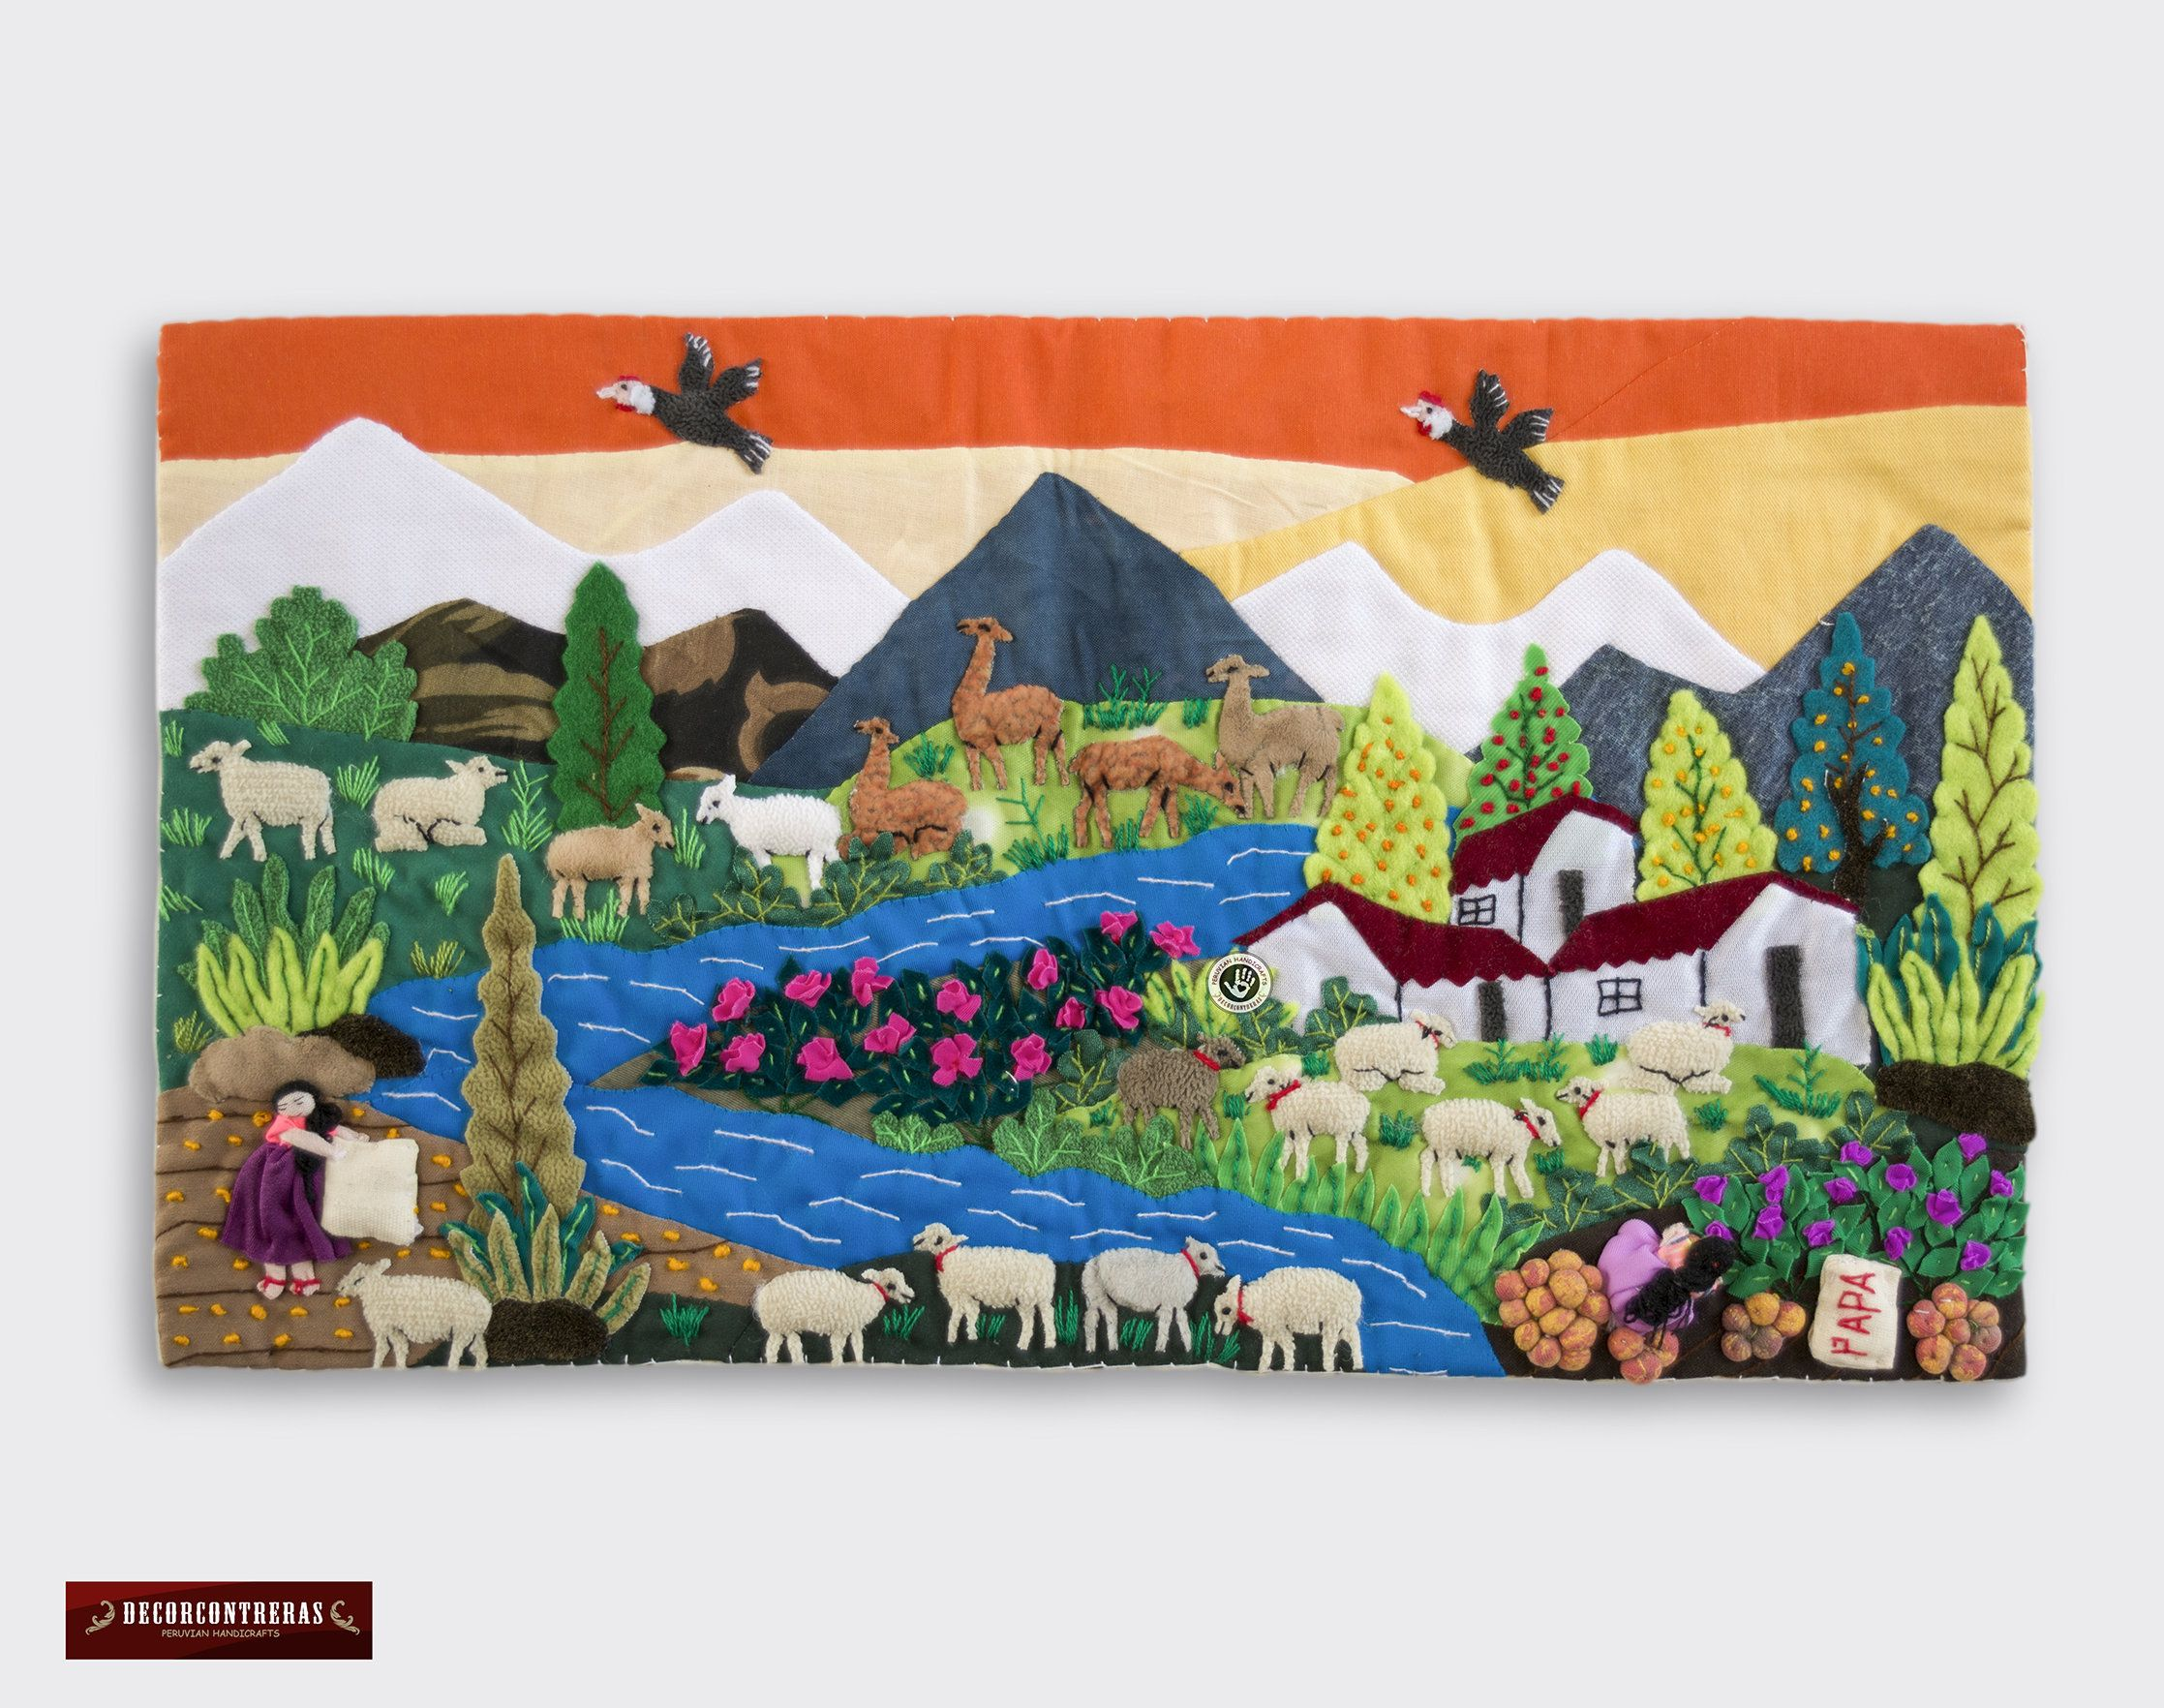 Wall Hanging Quilt 10 X17 7 Arpillera Art Work Tapestrie 3d Peruvian Textile Artwork Embroidered Appliques Of Fabric Peru Textiles In 2020 Textiles Artwork Quilted Wall Hangings Hanging Quilts